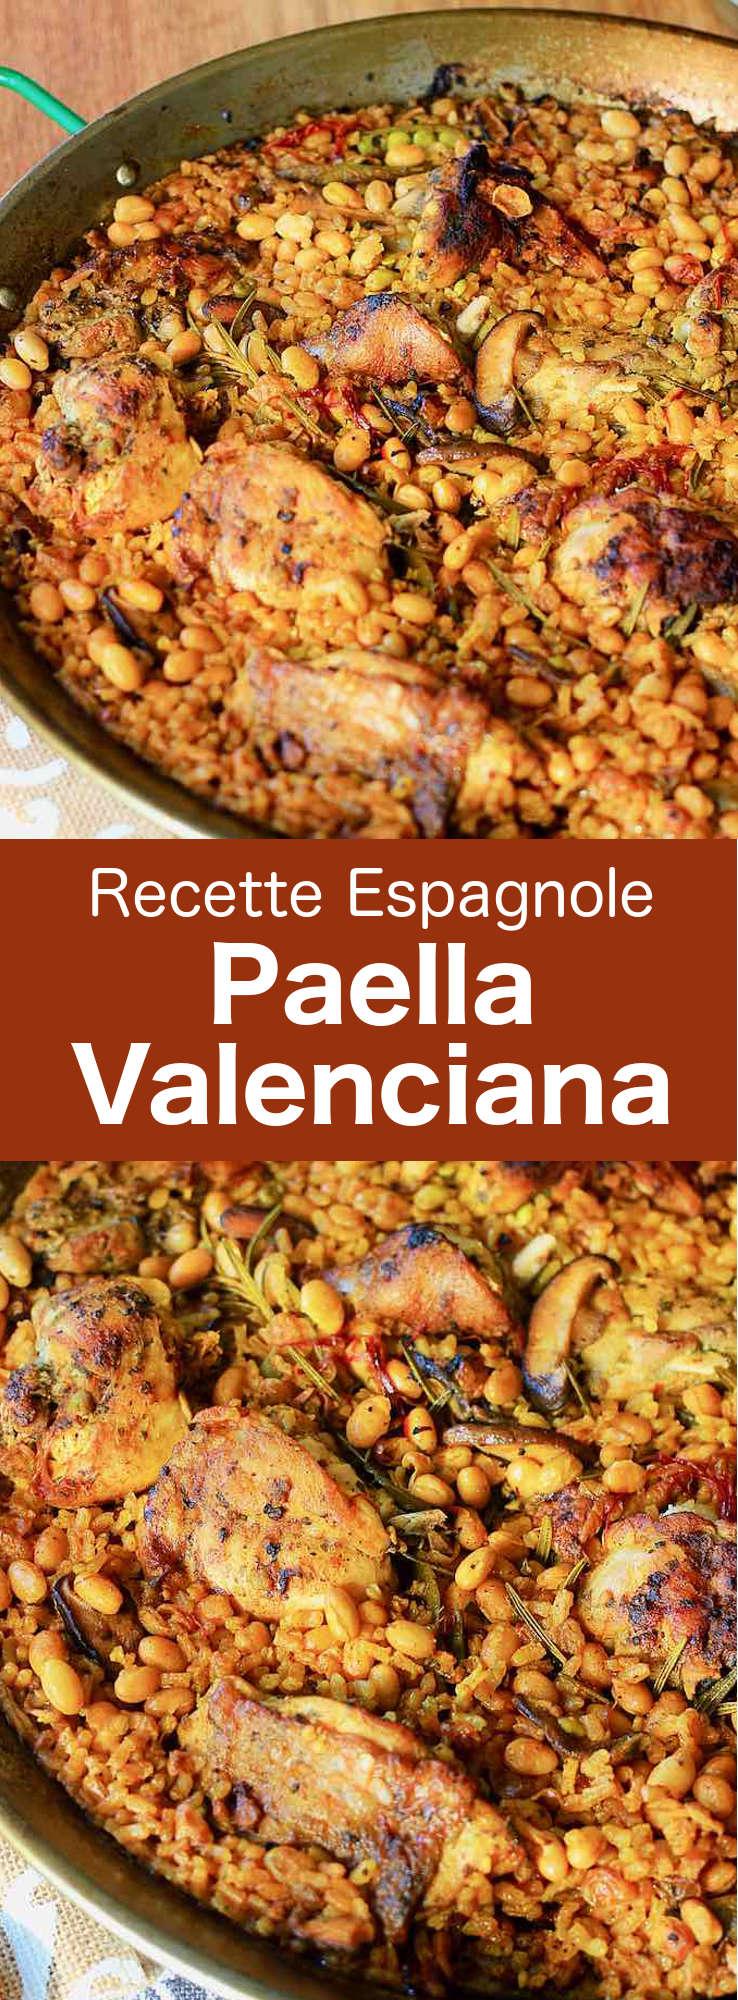 La paella valenciana est le délicieux plat de riz espagnol qui a ses racines modernes au milieu du XIXe siècle sur la côte est du pays. #Espagne #CuisineEspagnole #RecetteEspagnole #CuisineDuMonde #196flavors